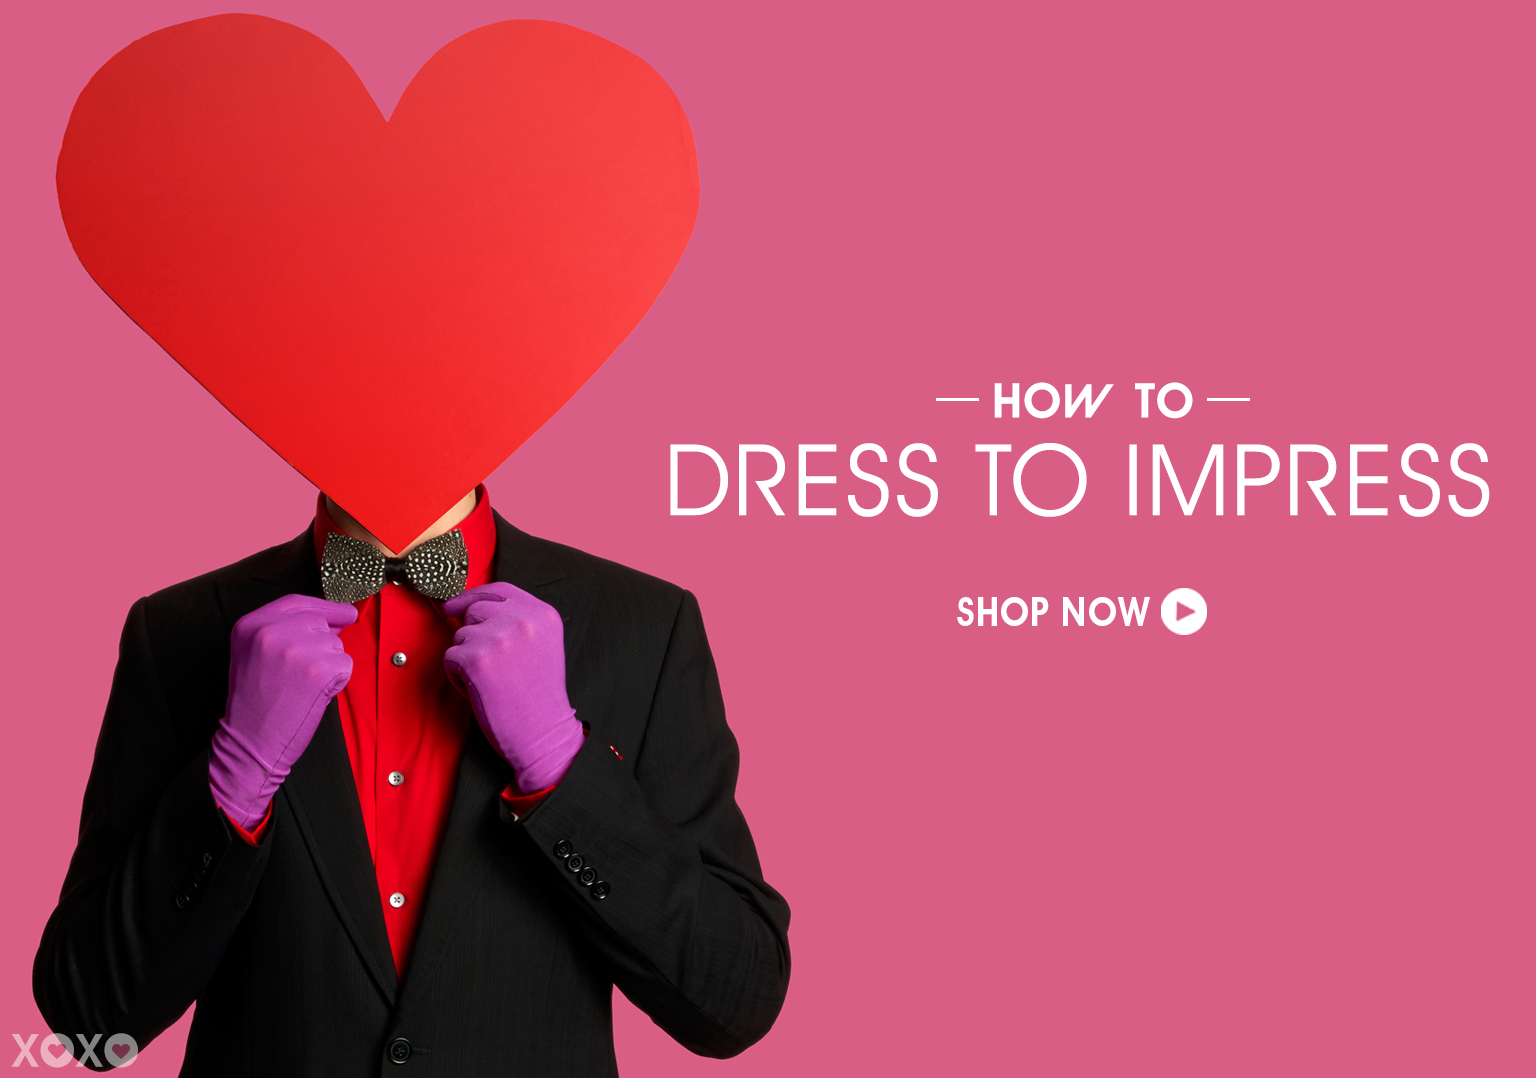 How To Dress to Impress